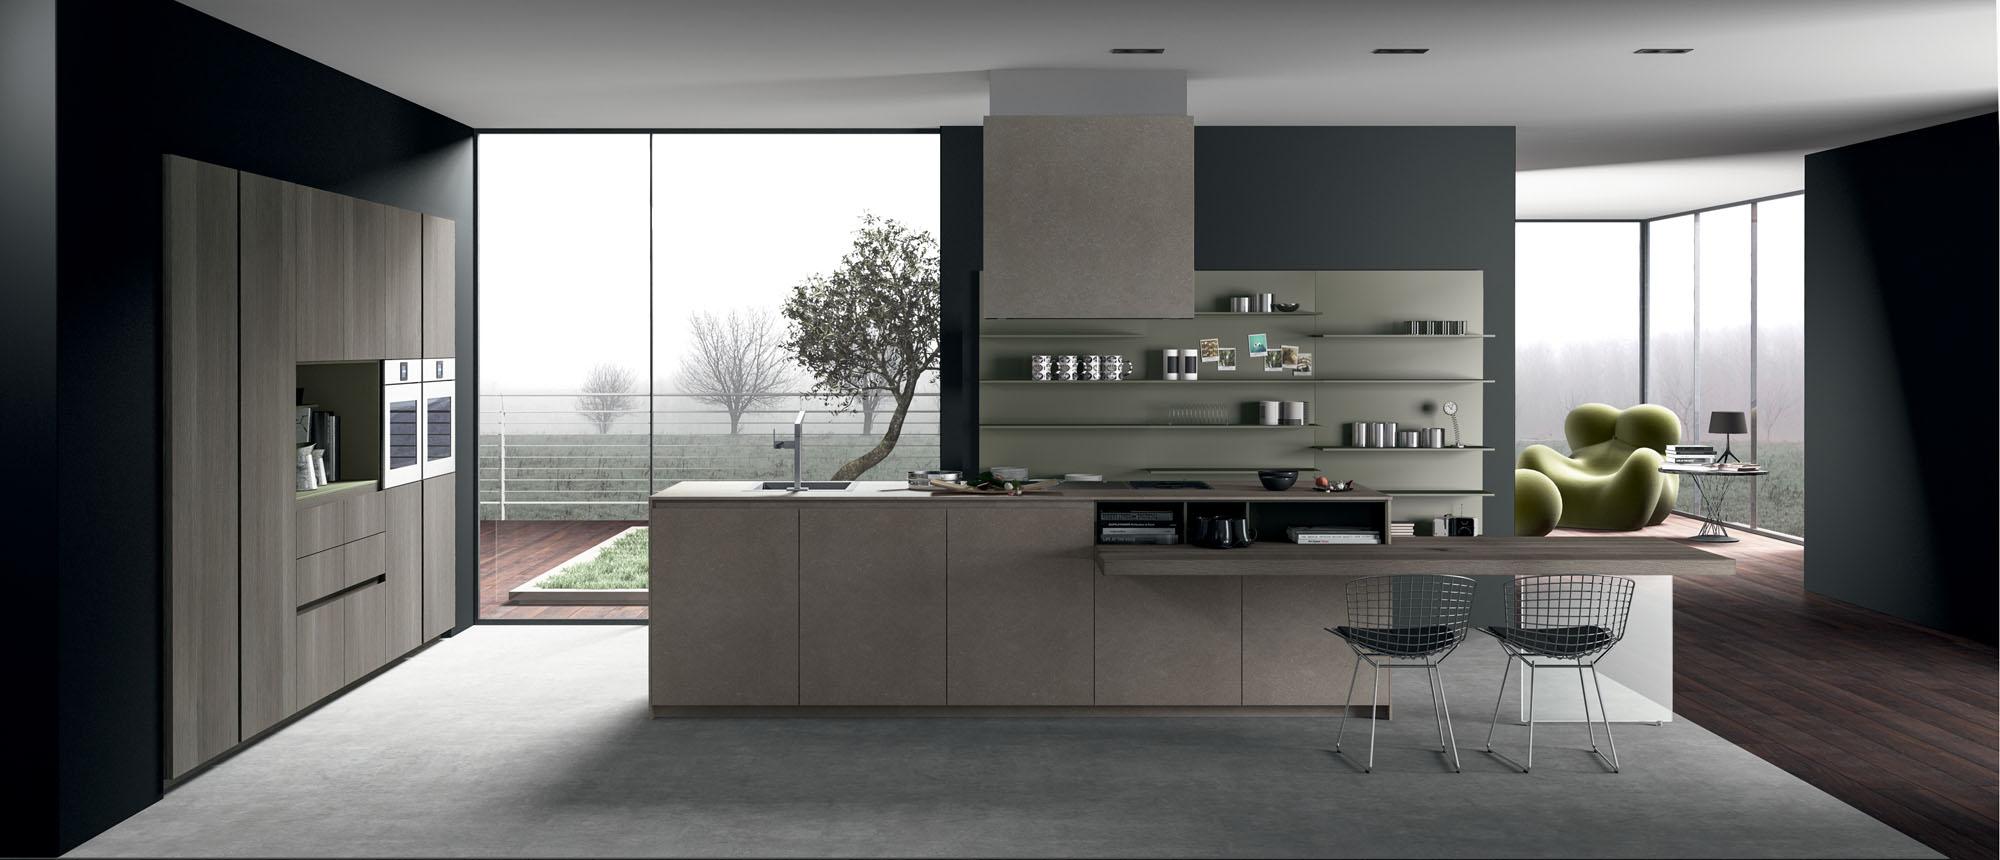 Cucina Tre.O G30 - Lorenzelli Arredamenti